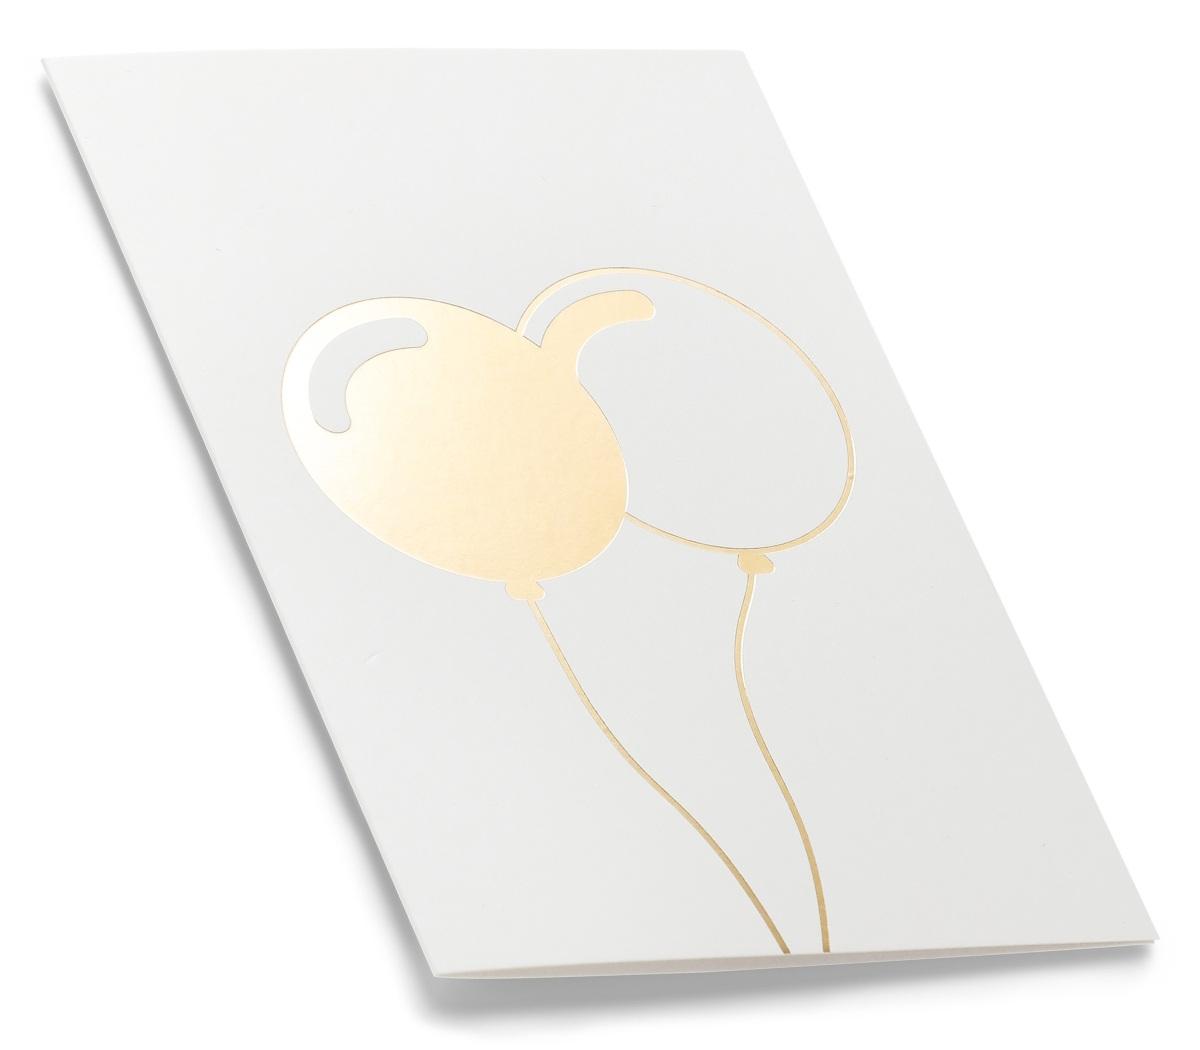 Hvitt gratulasjonskort med ballonger i gulltrykk